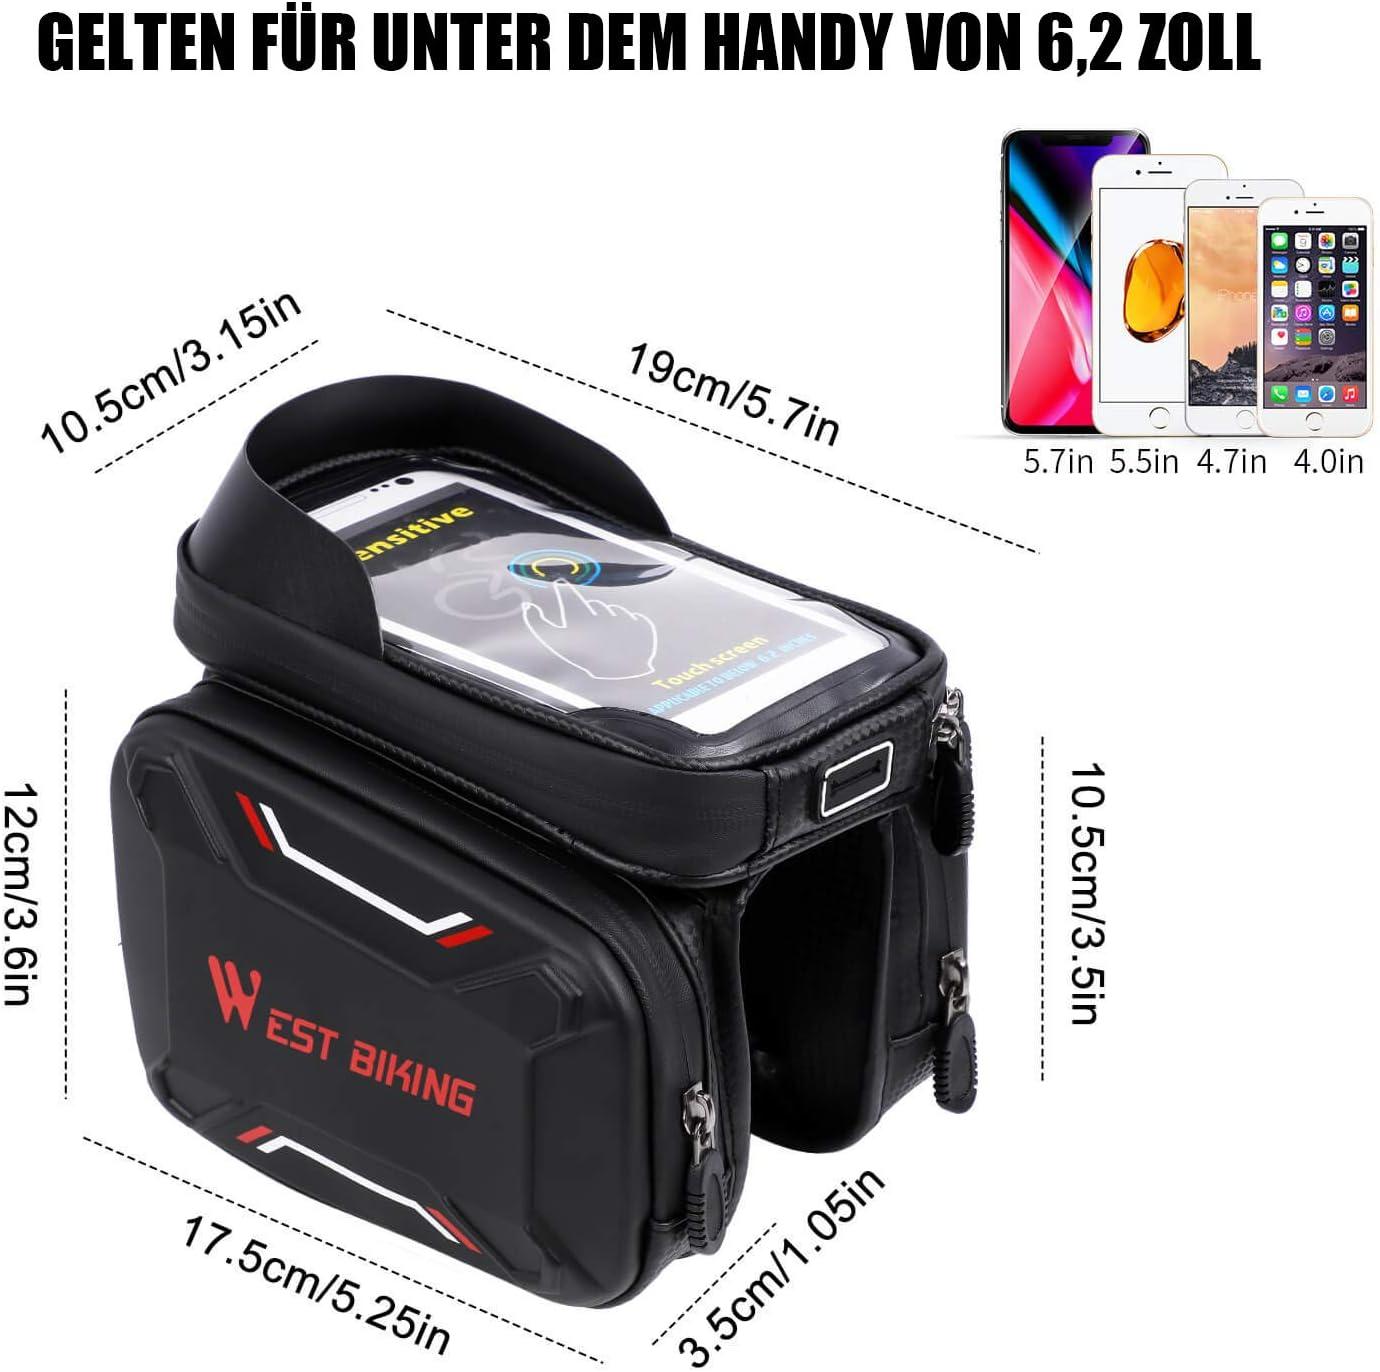 4 Farbe Abnahmbare Handytasche Geeignet f/ür Smartphones unter 6,2 Zoll Innerhalb mit Kopfh/örerloch Rot, Gr/ün, Blau, Grau geeignet f/ür MTB Fahrradtasche wasserdicht Rahmentasche mit Touchscreen